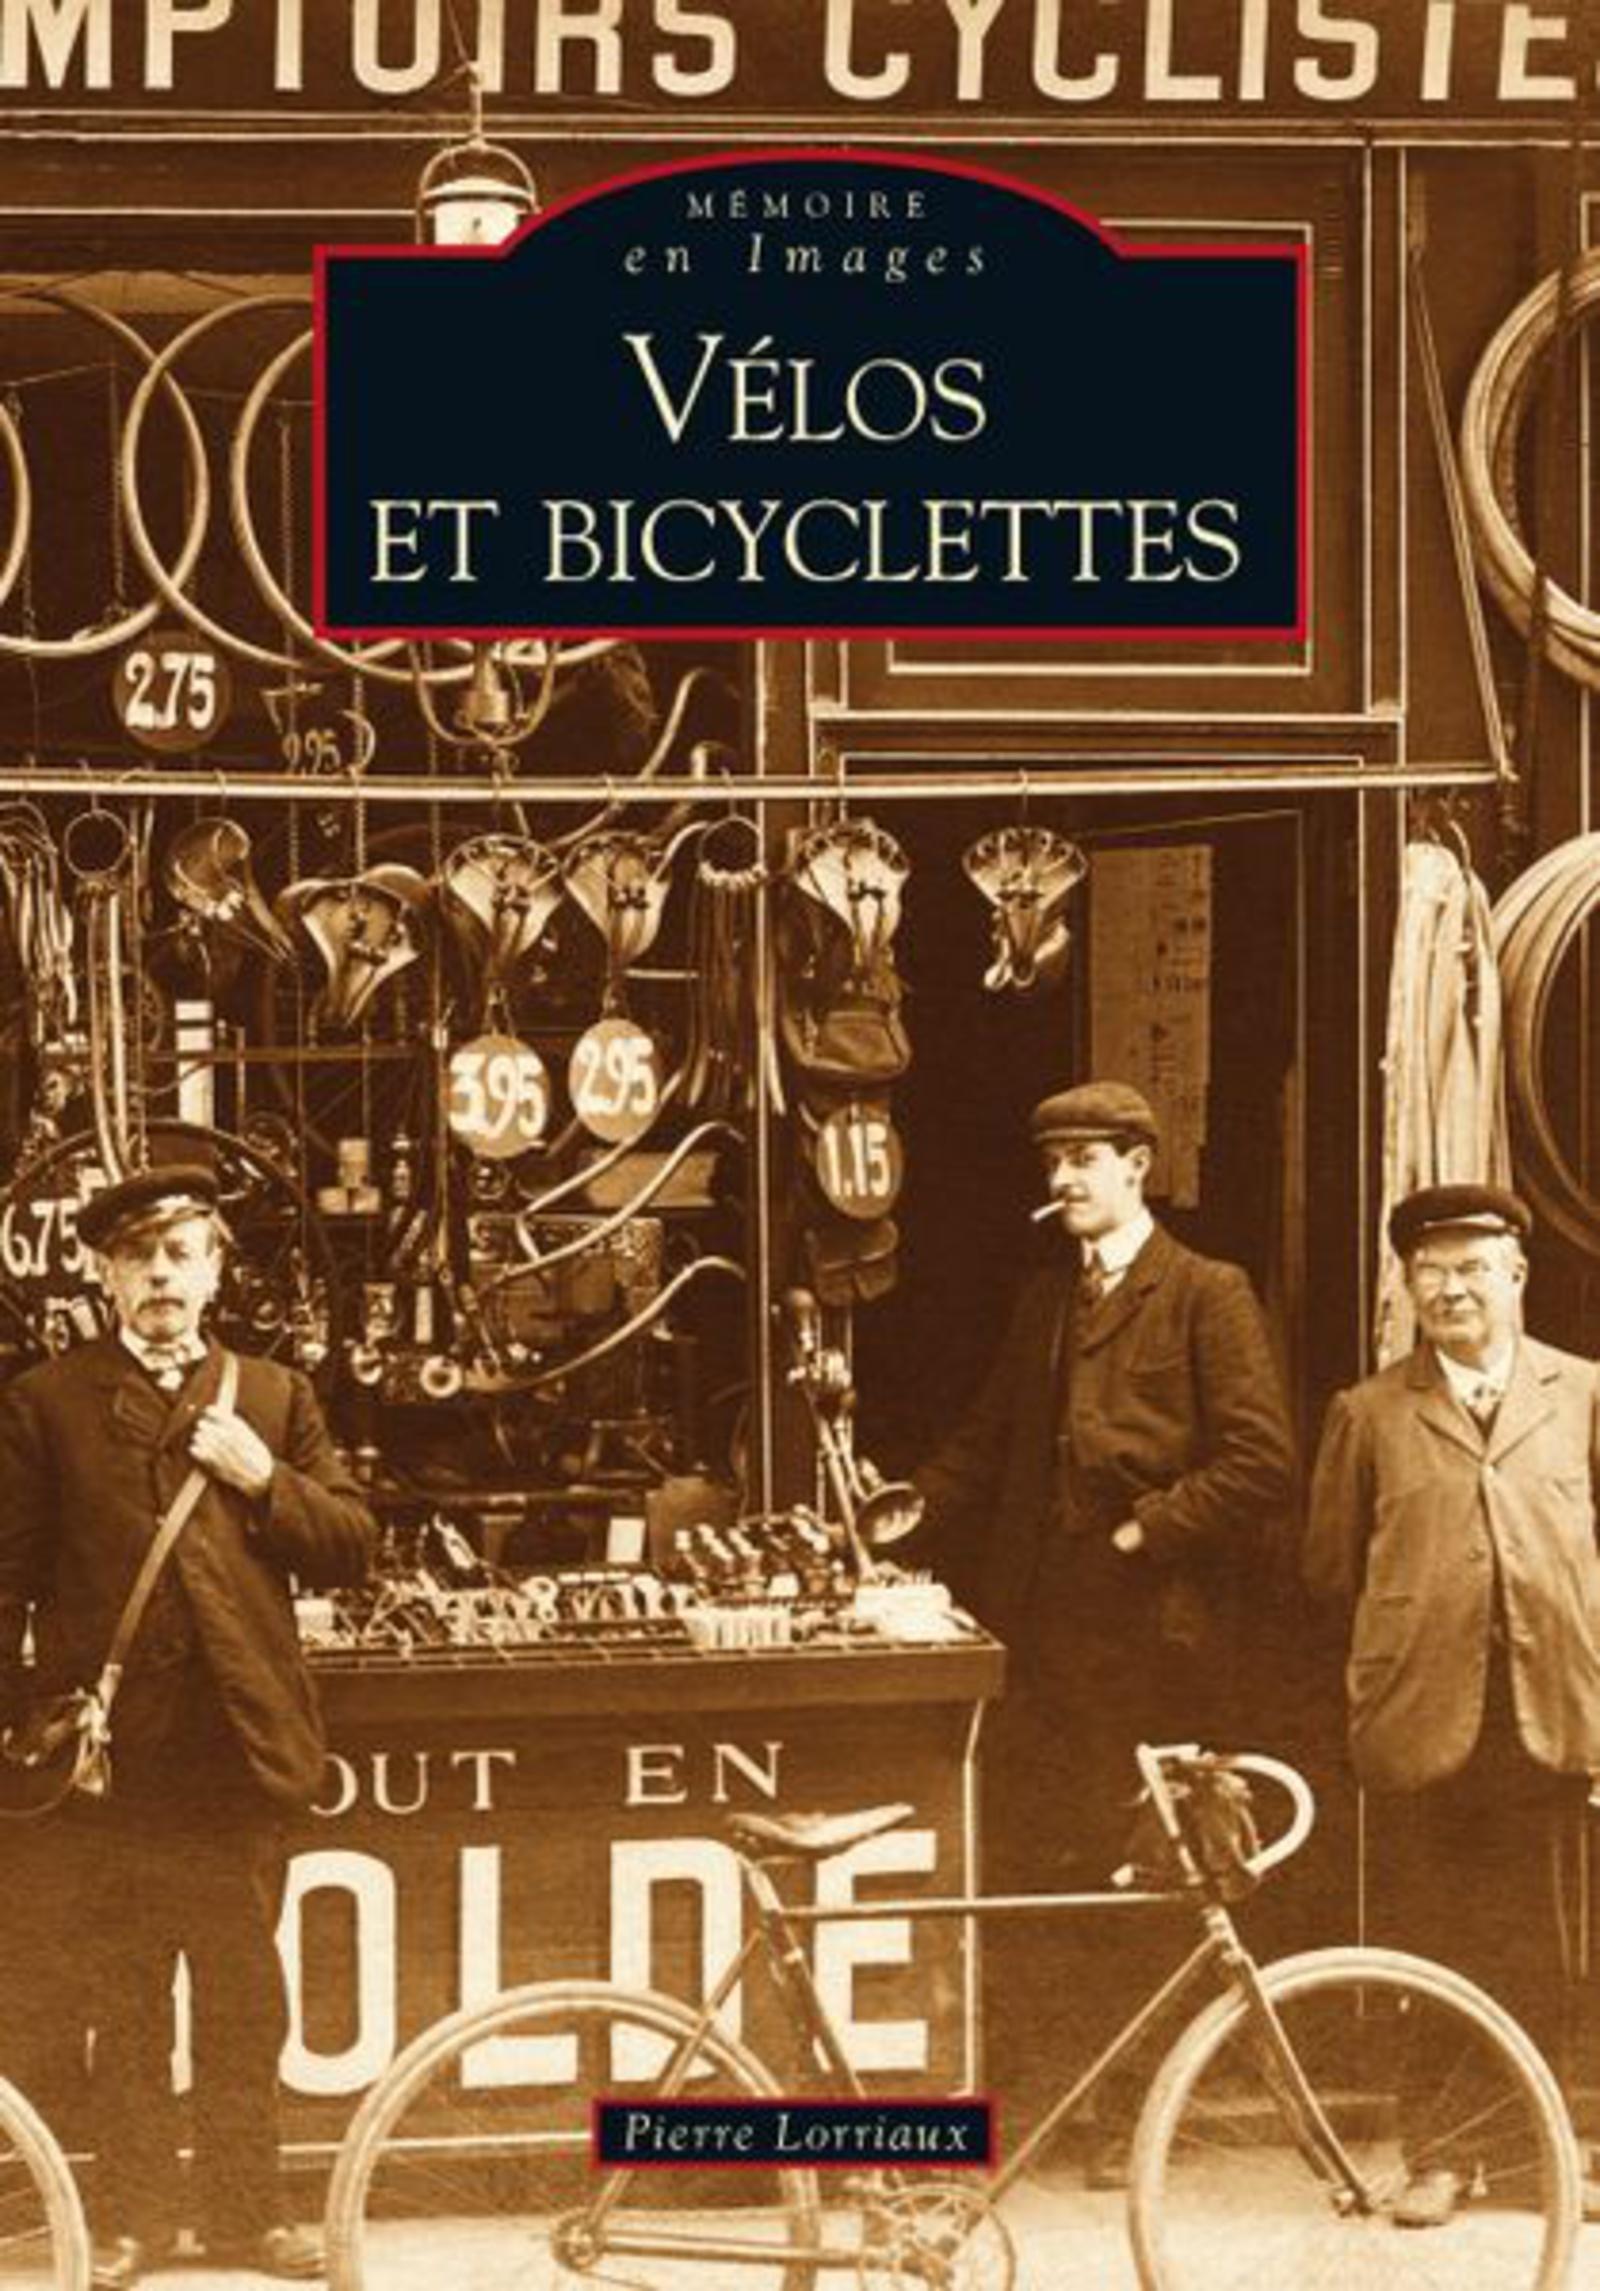 VELOS ET BICYCLETTES